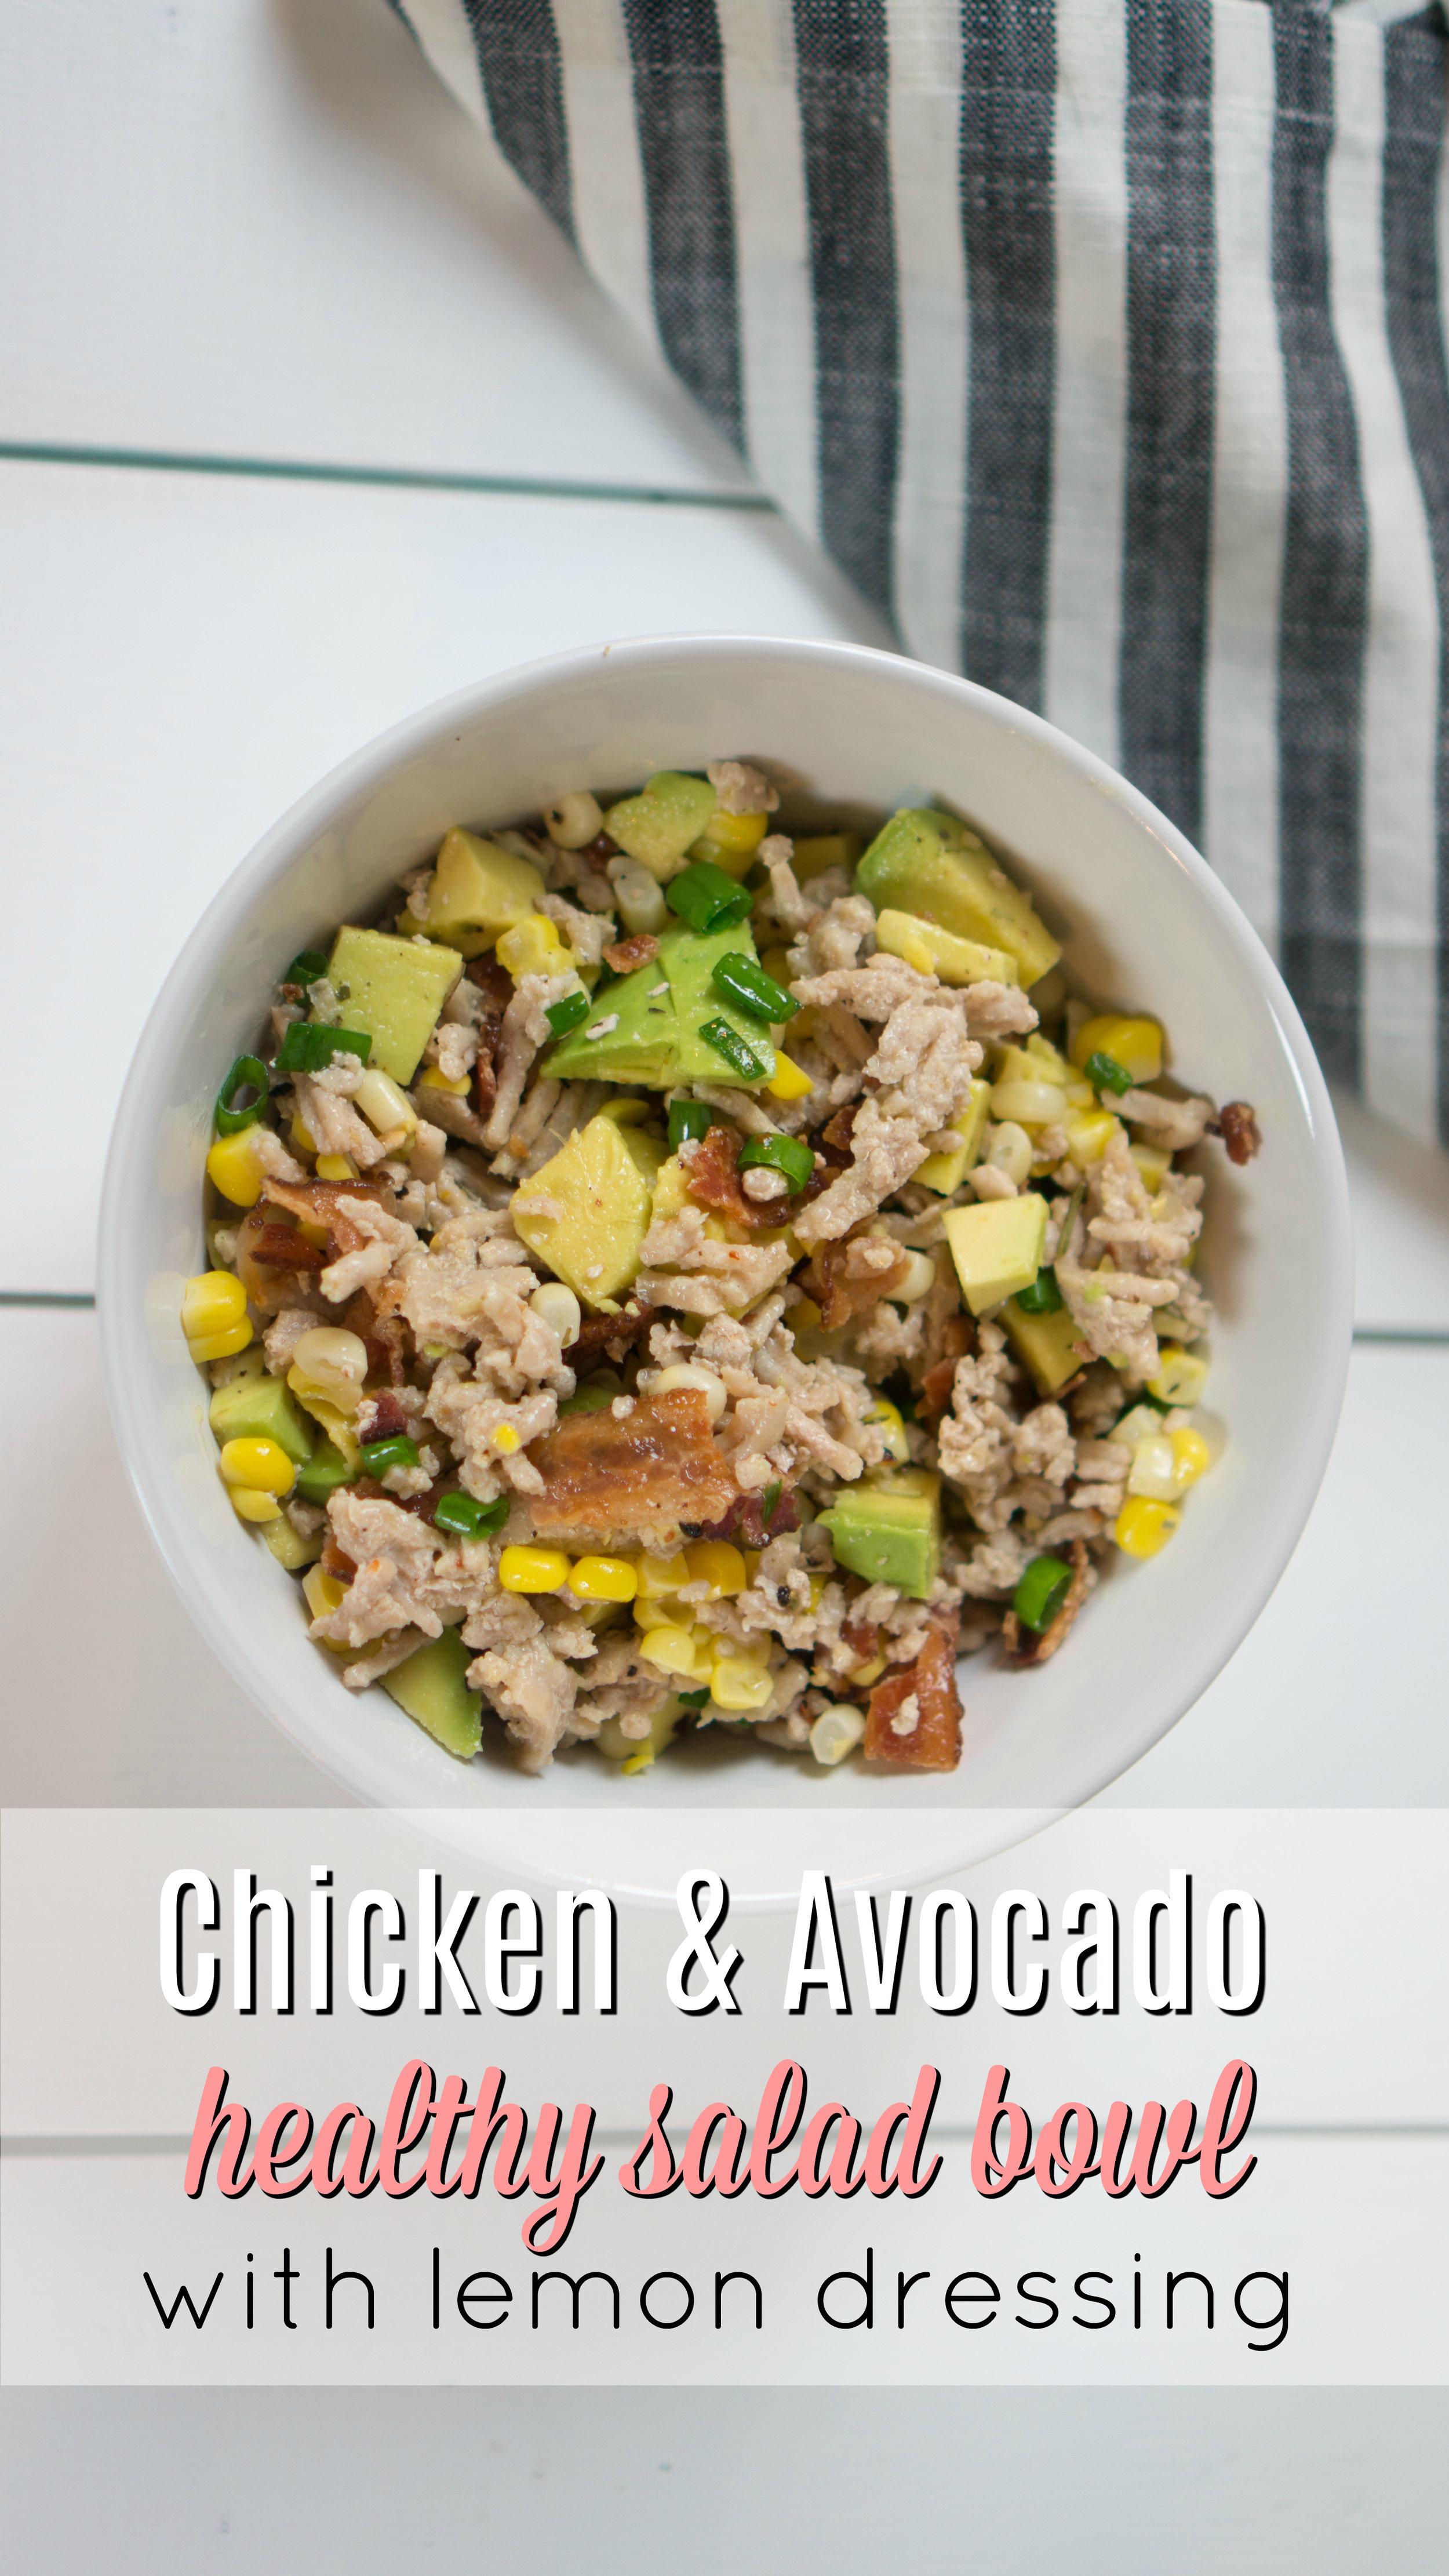 Healthy Chicken & Avocado Salad